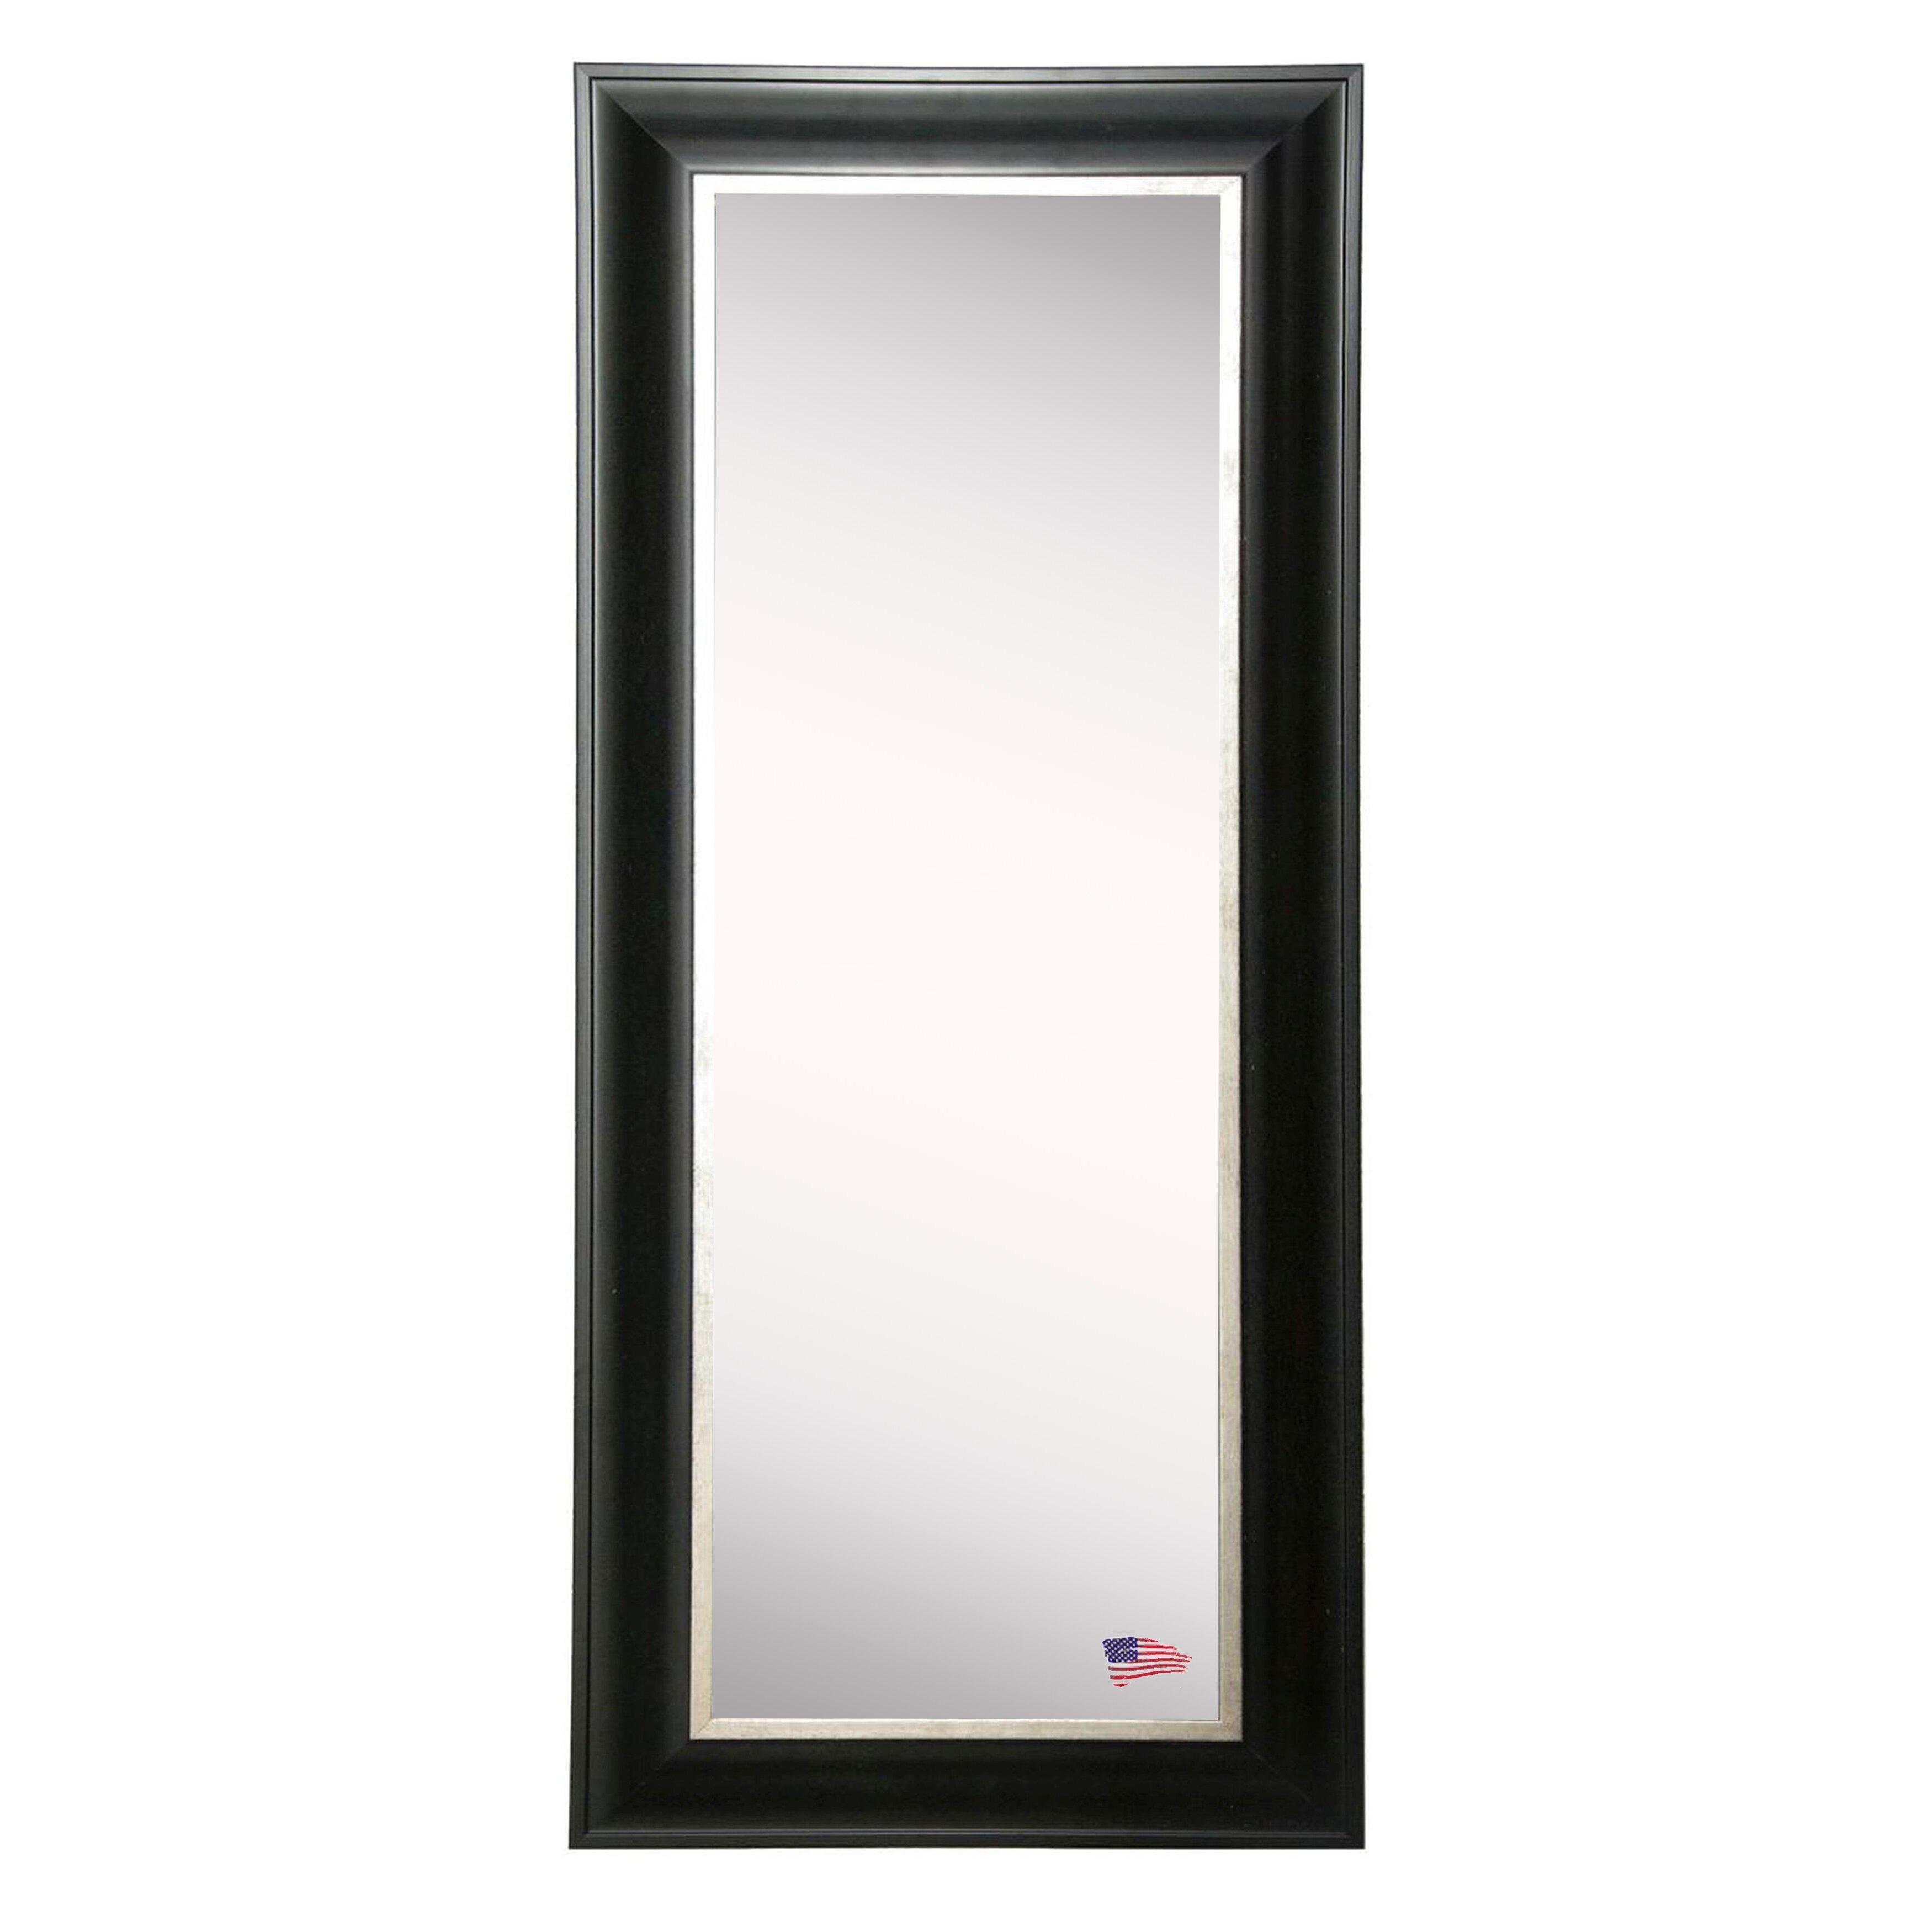 Rayne mirrors ava full body wall mirror wayfair for Full wall mirrors